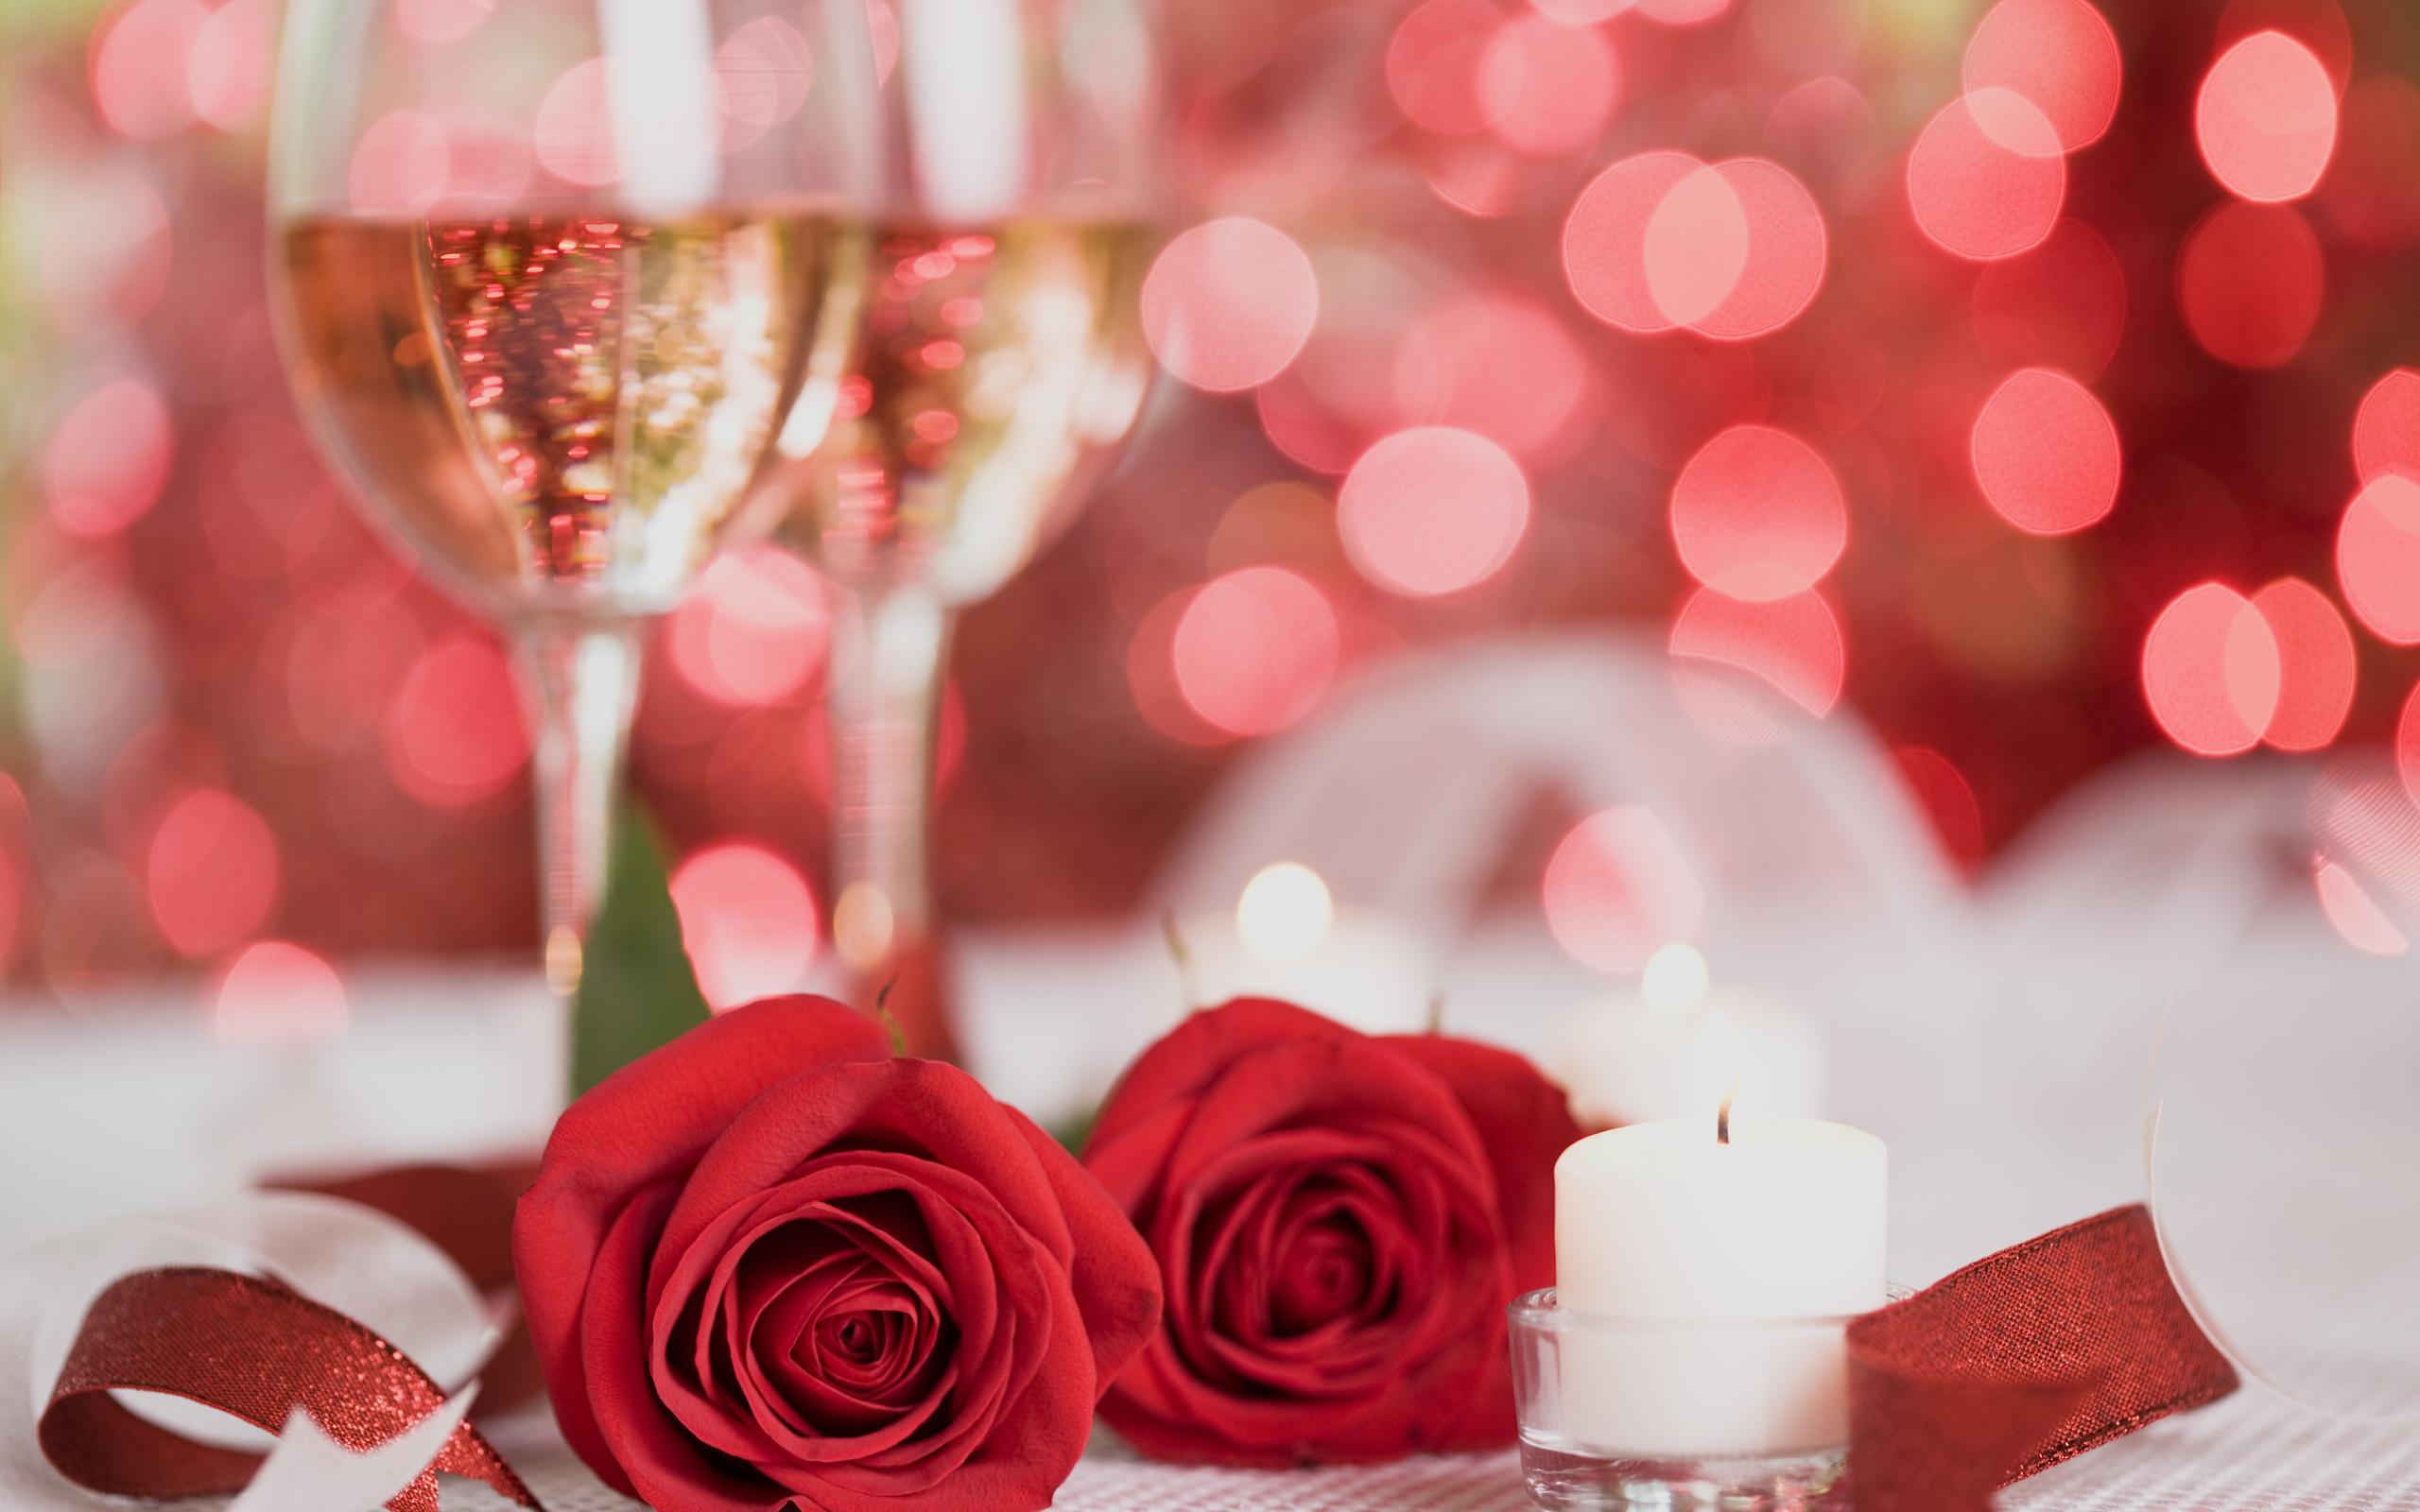 Два бокала с розами  № 750277 без смс